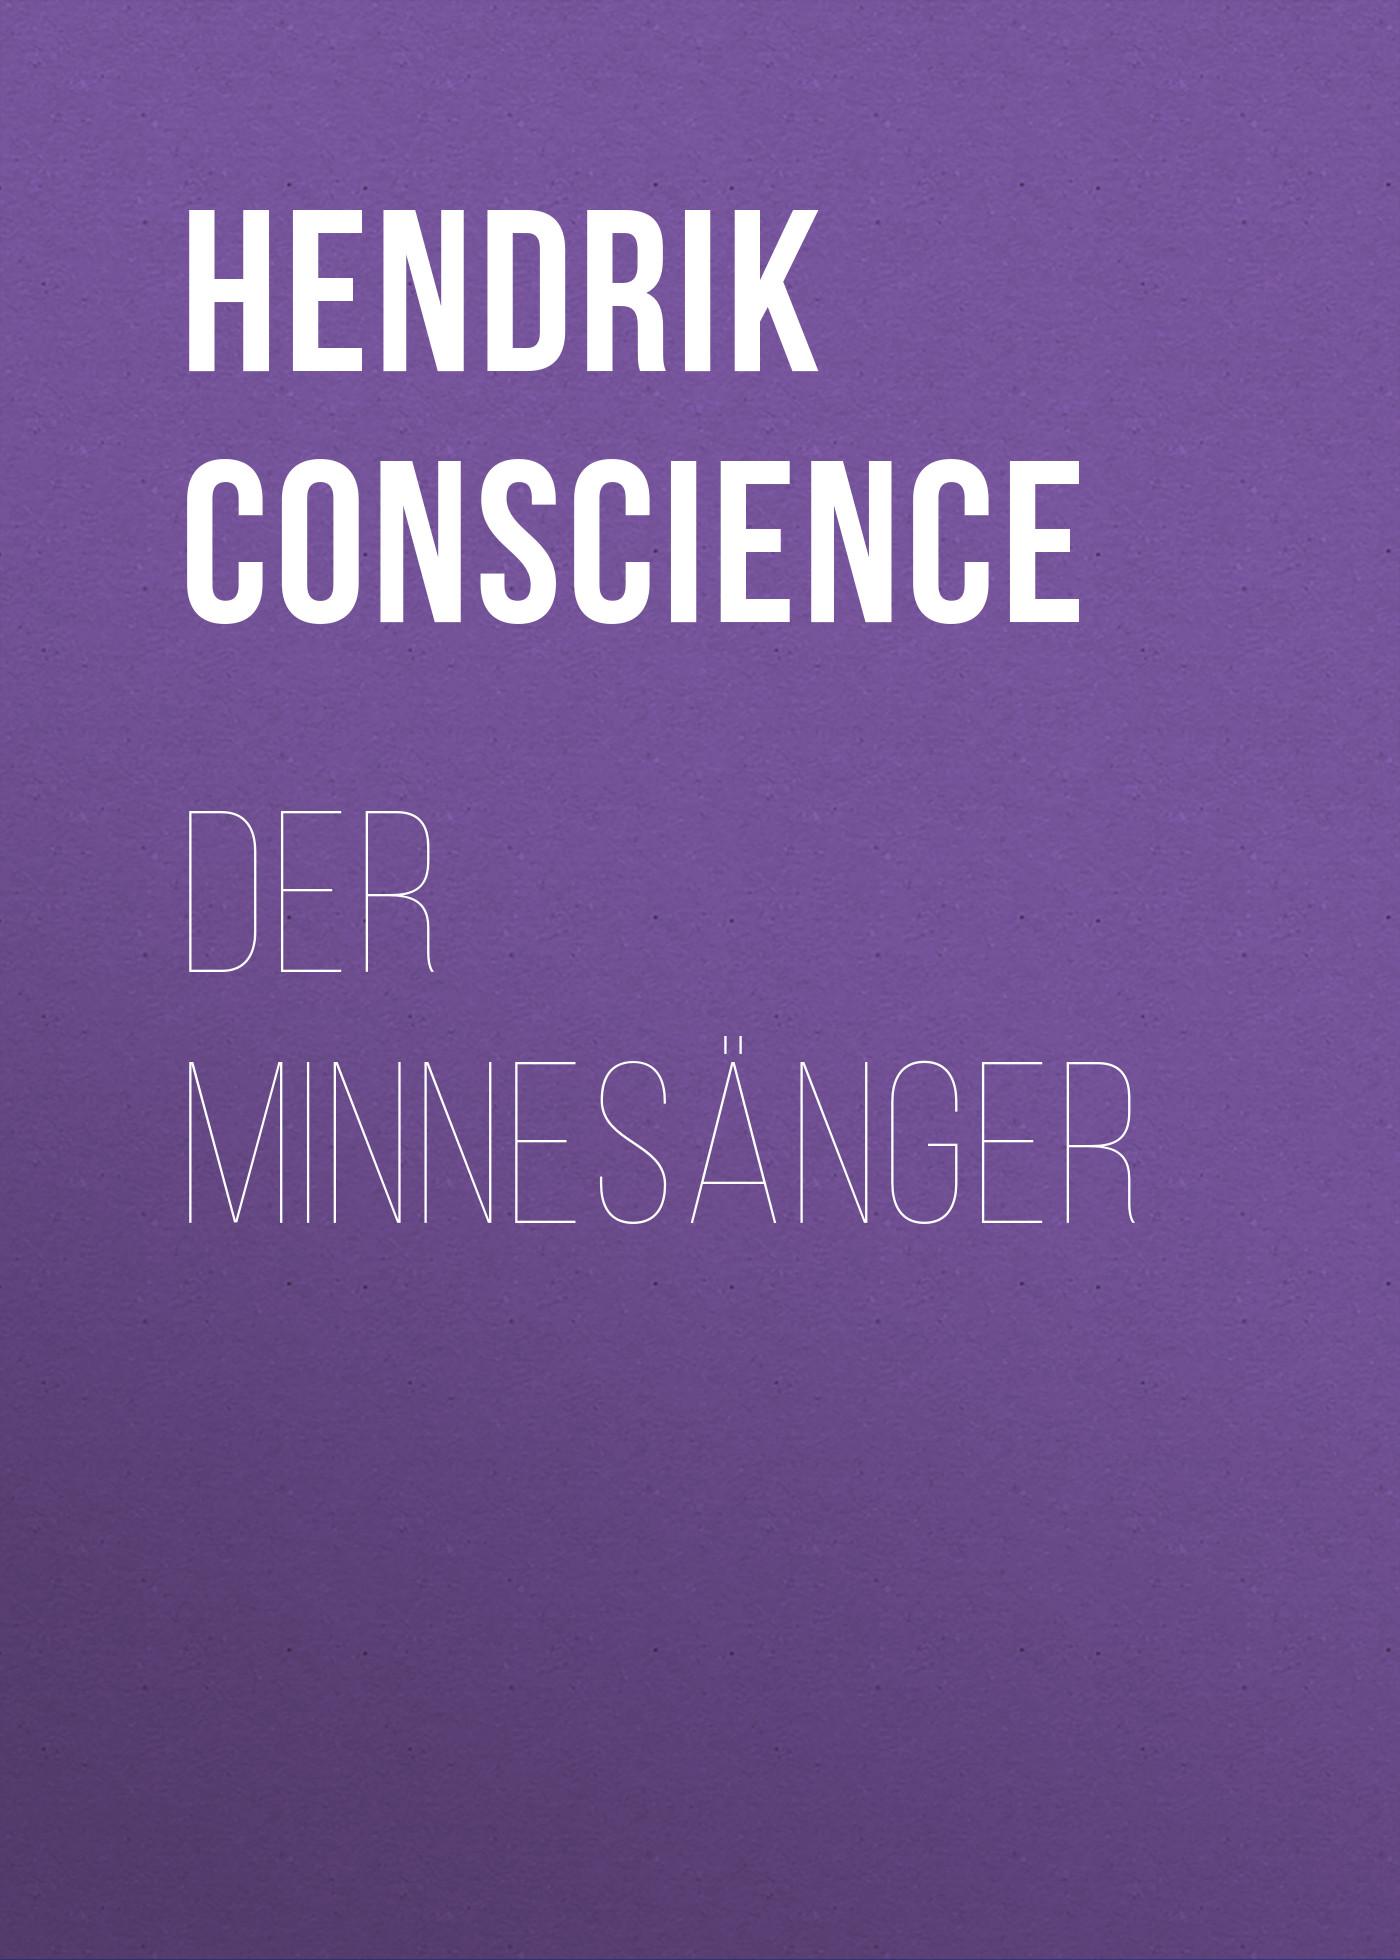 Hendrik Conscience Der Minnesänger ilves toomas hendrik suurem eesti